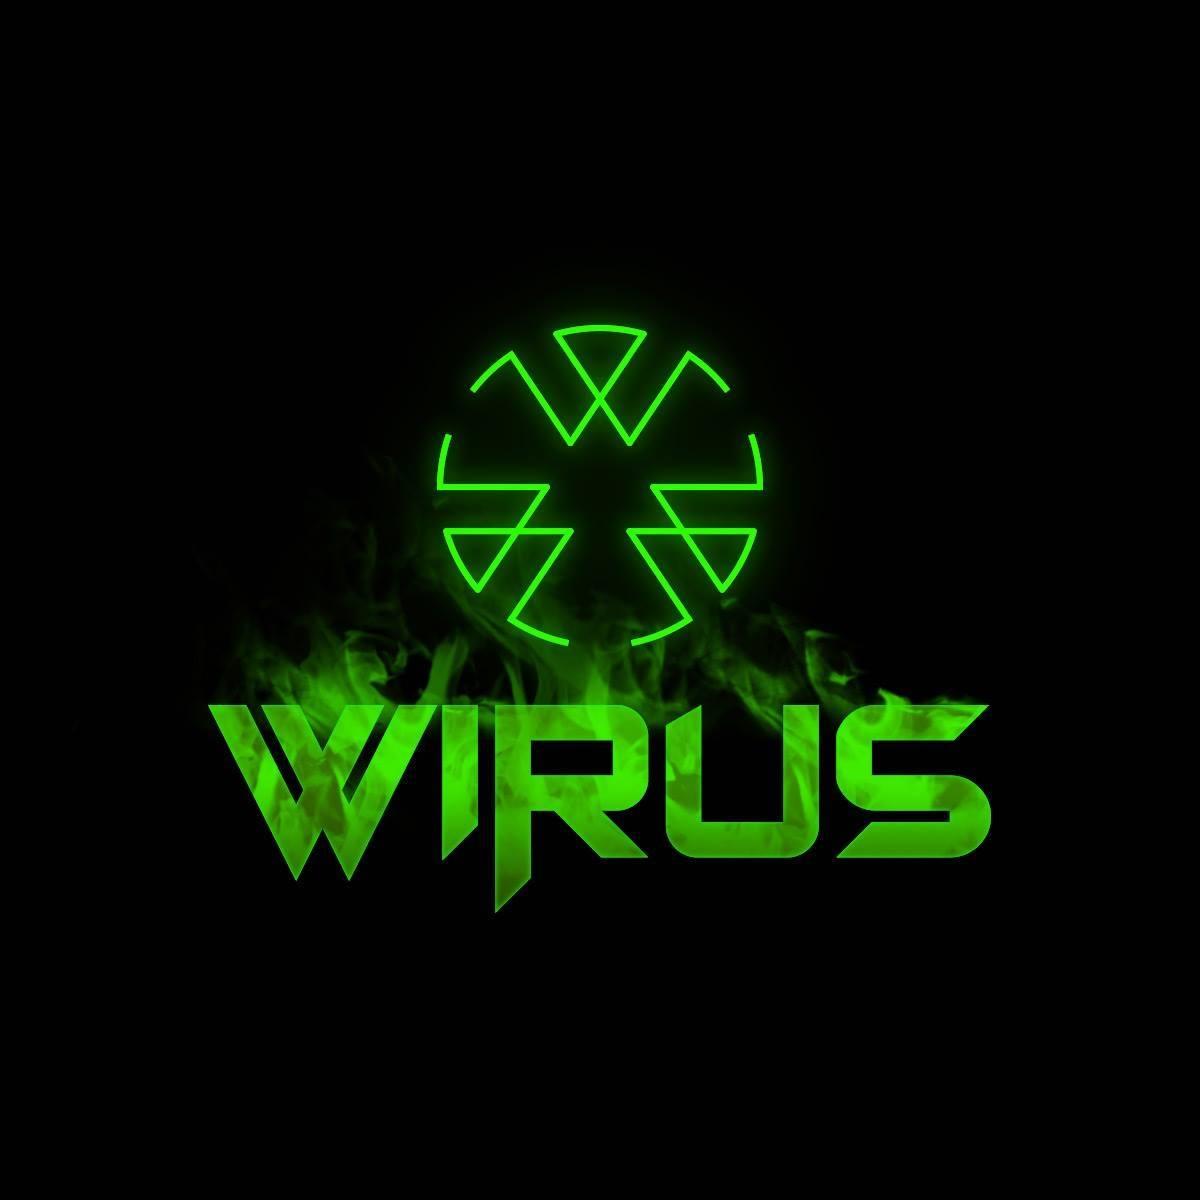 Prawda - Wirus